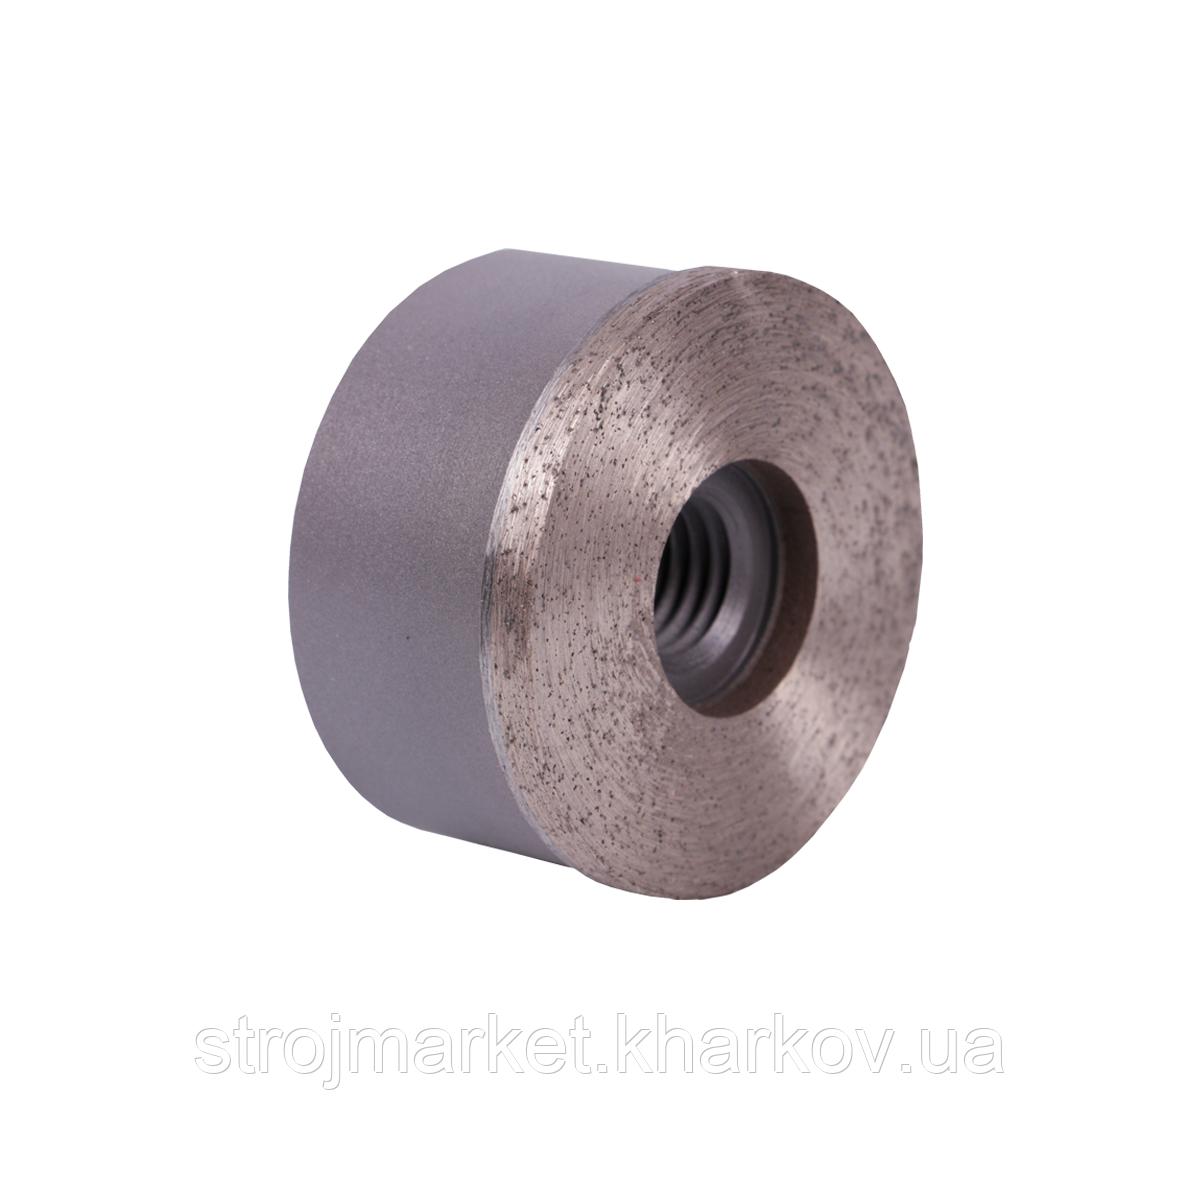 Гайка-фреза DGW-S 49 Hard Ceramics ТМ Дистар (зерно 70/80)